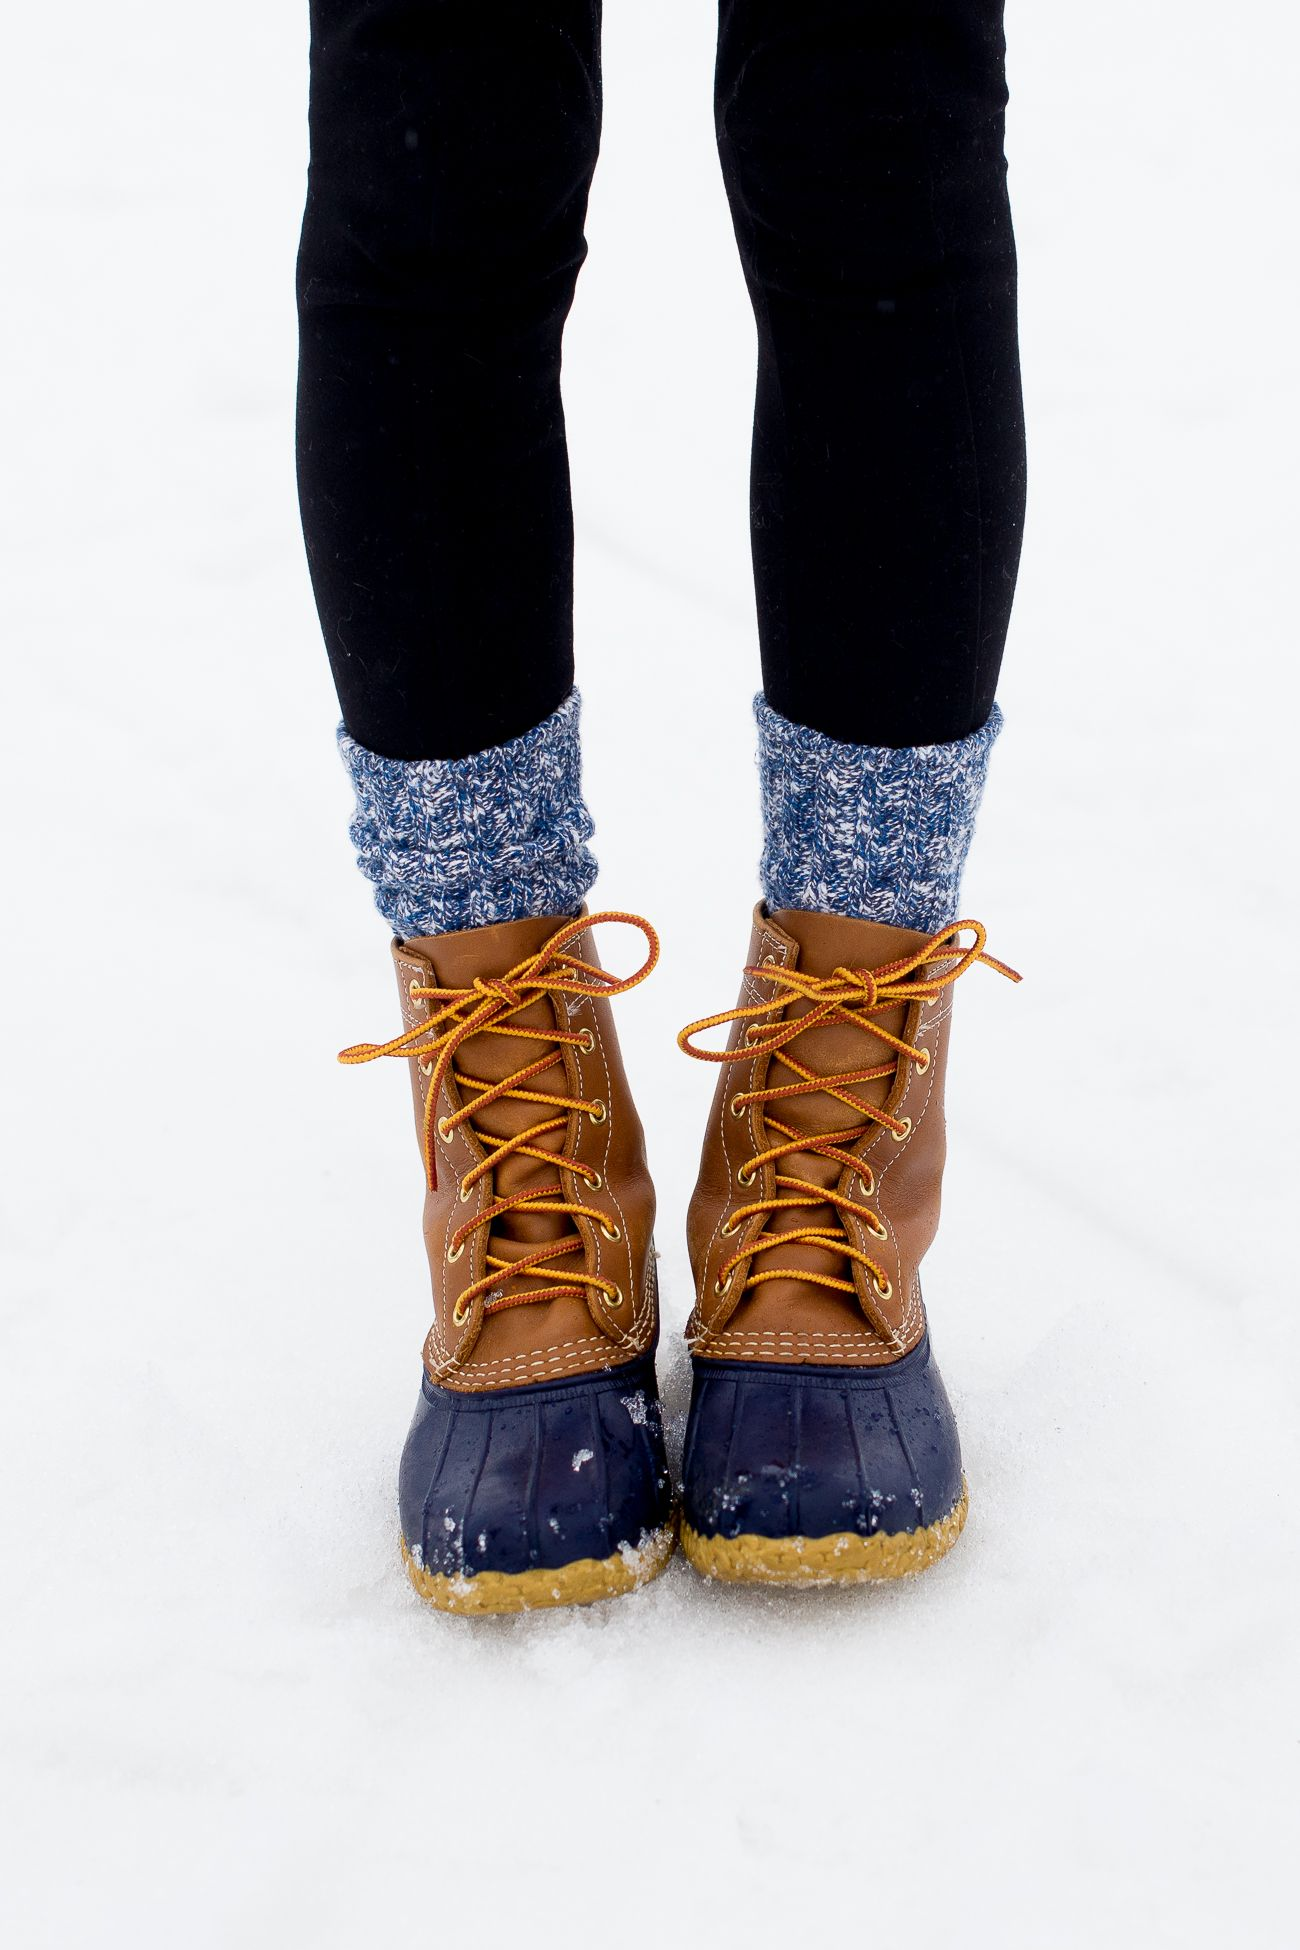 L.L.Bean Boots in Mount Snow, Vermont | MODA DE INVIERNO ...